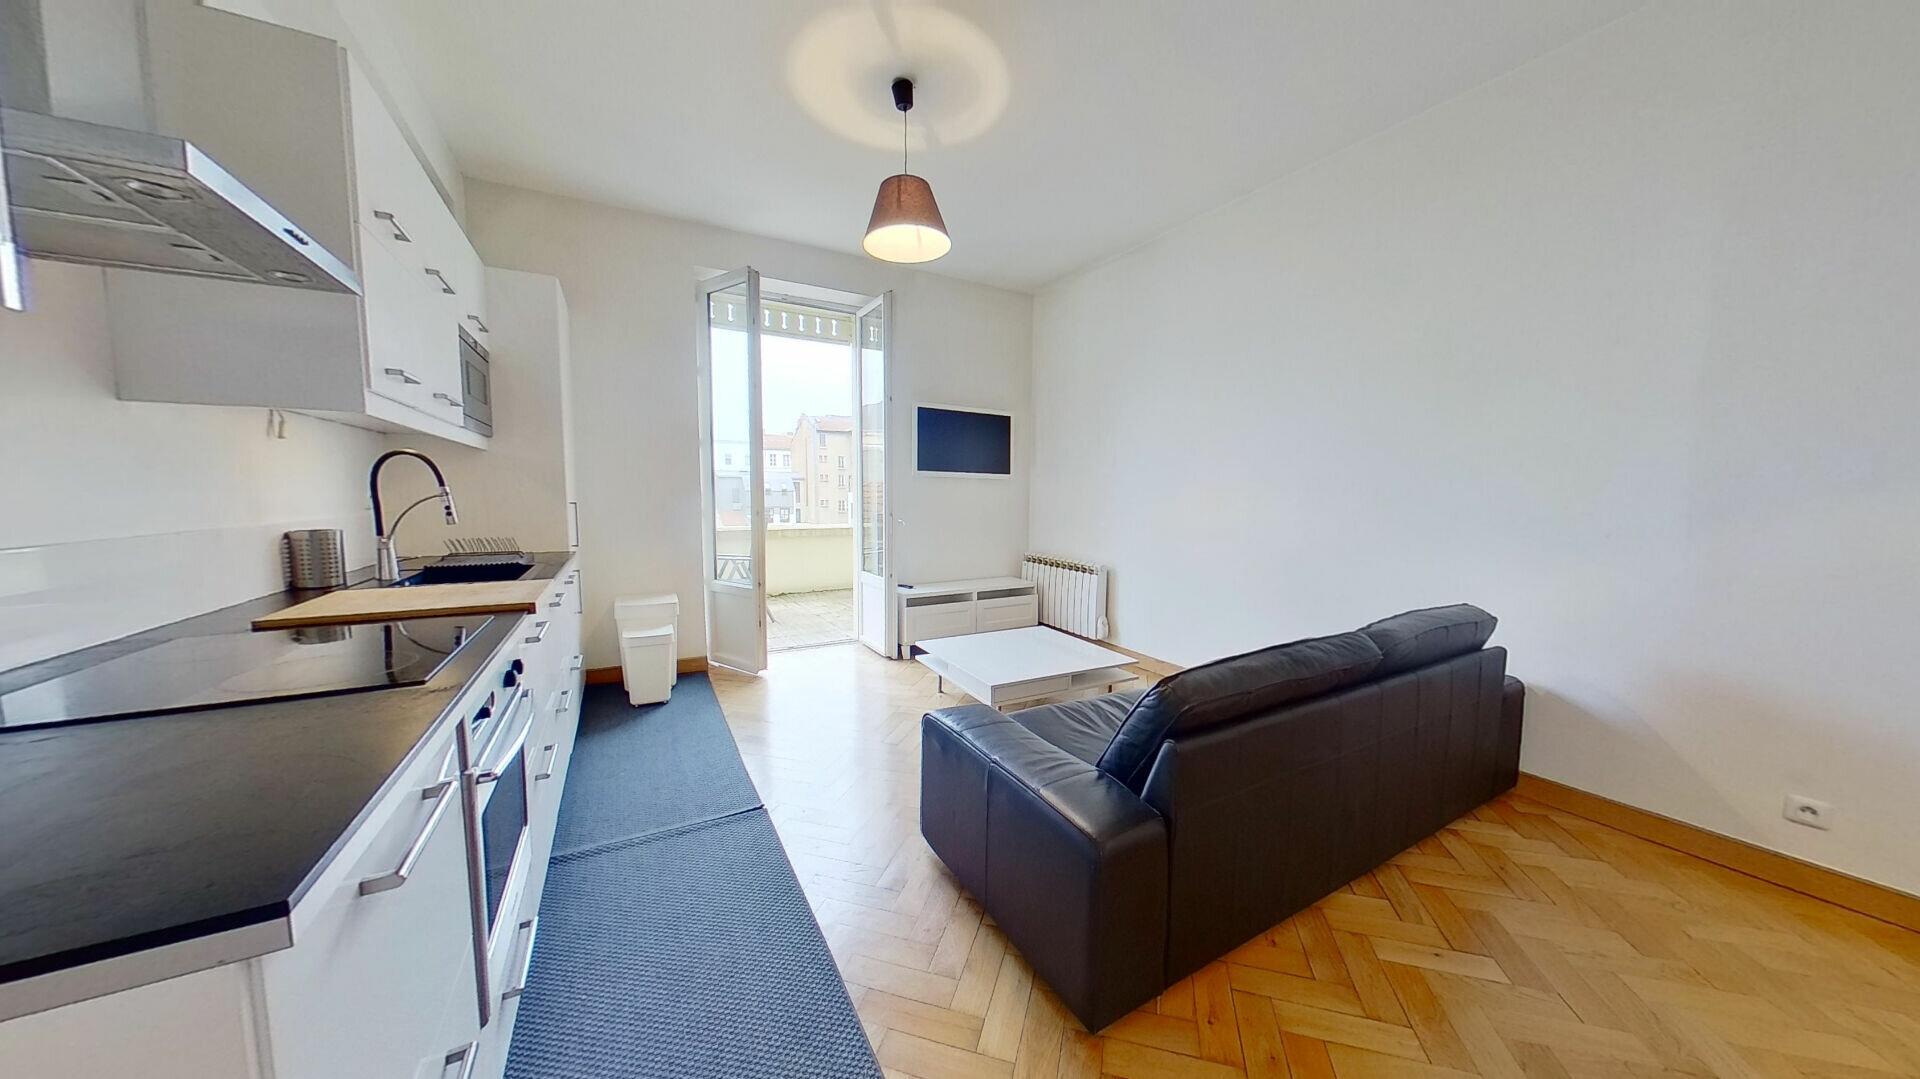 Appartement à louer 3 58m2 à Lyon 6 vignette-1